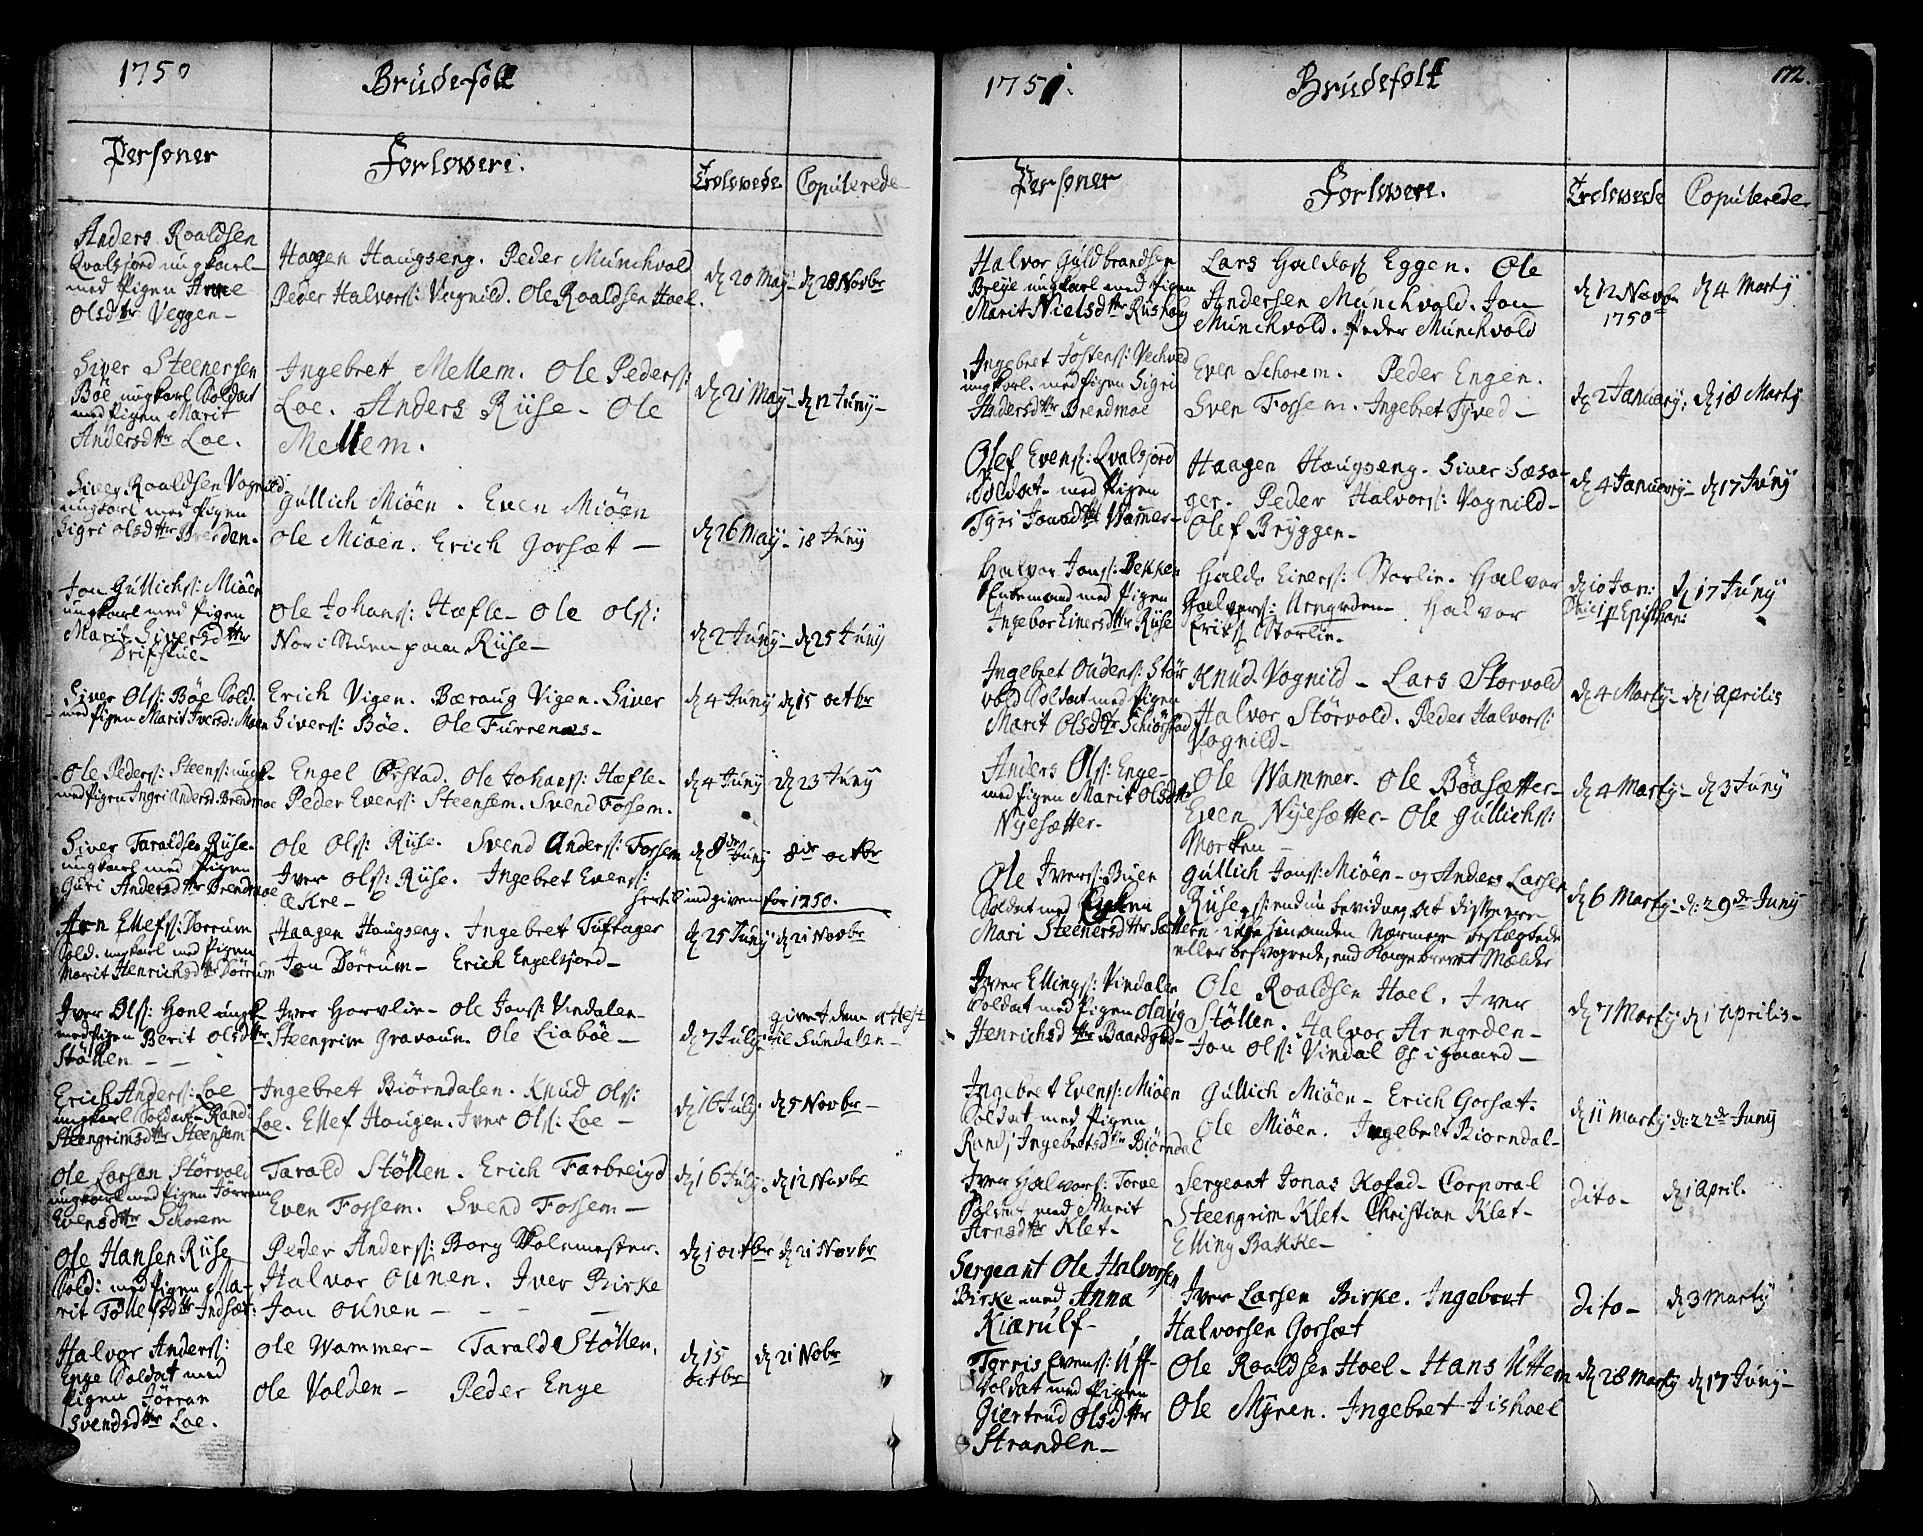 SAT, Ministerialprotokoller, klokkerbøker og fødselsregistre - Sør-Trøndelag, 678/L0891: Ministerialbok nr. 678A01, 1739-1780, s. 172